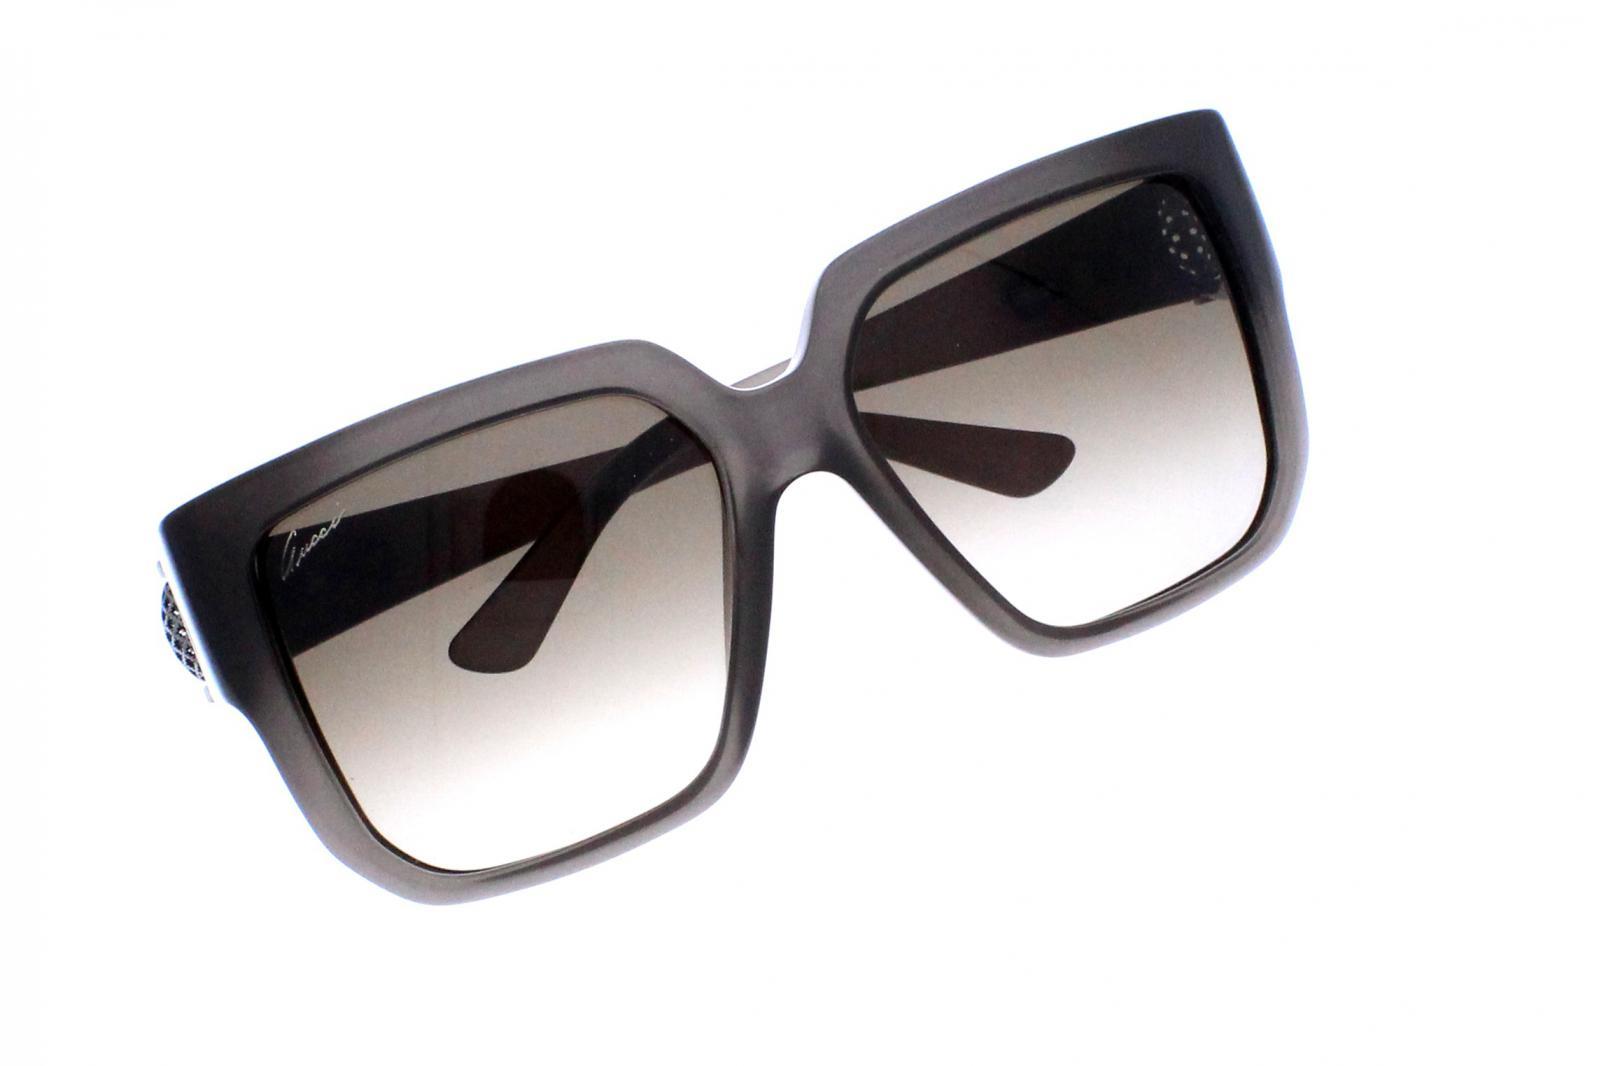 a9f2794479cbd Lunettes de Soleil Gucci Gg 3713 S X20 pas cher - Optical Discount